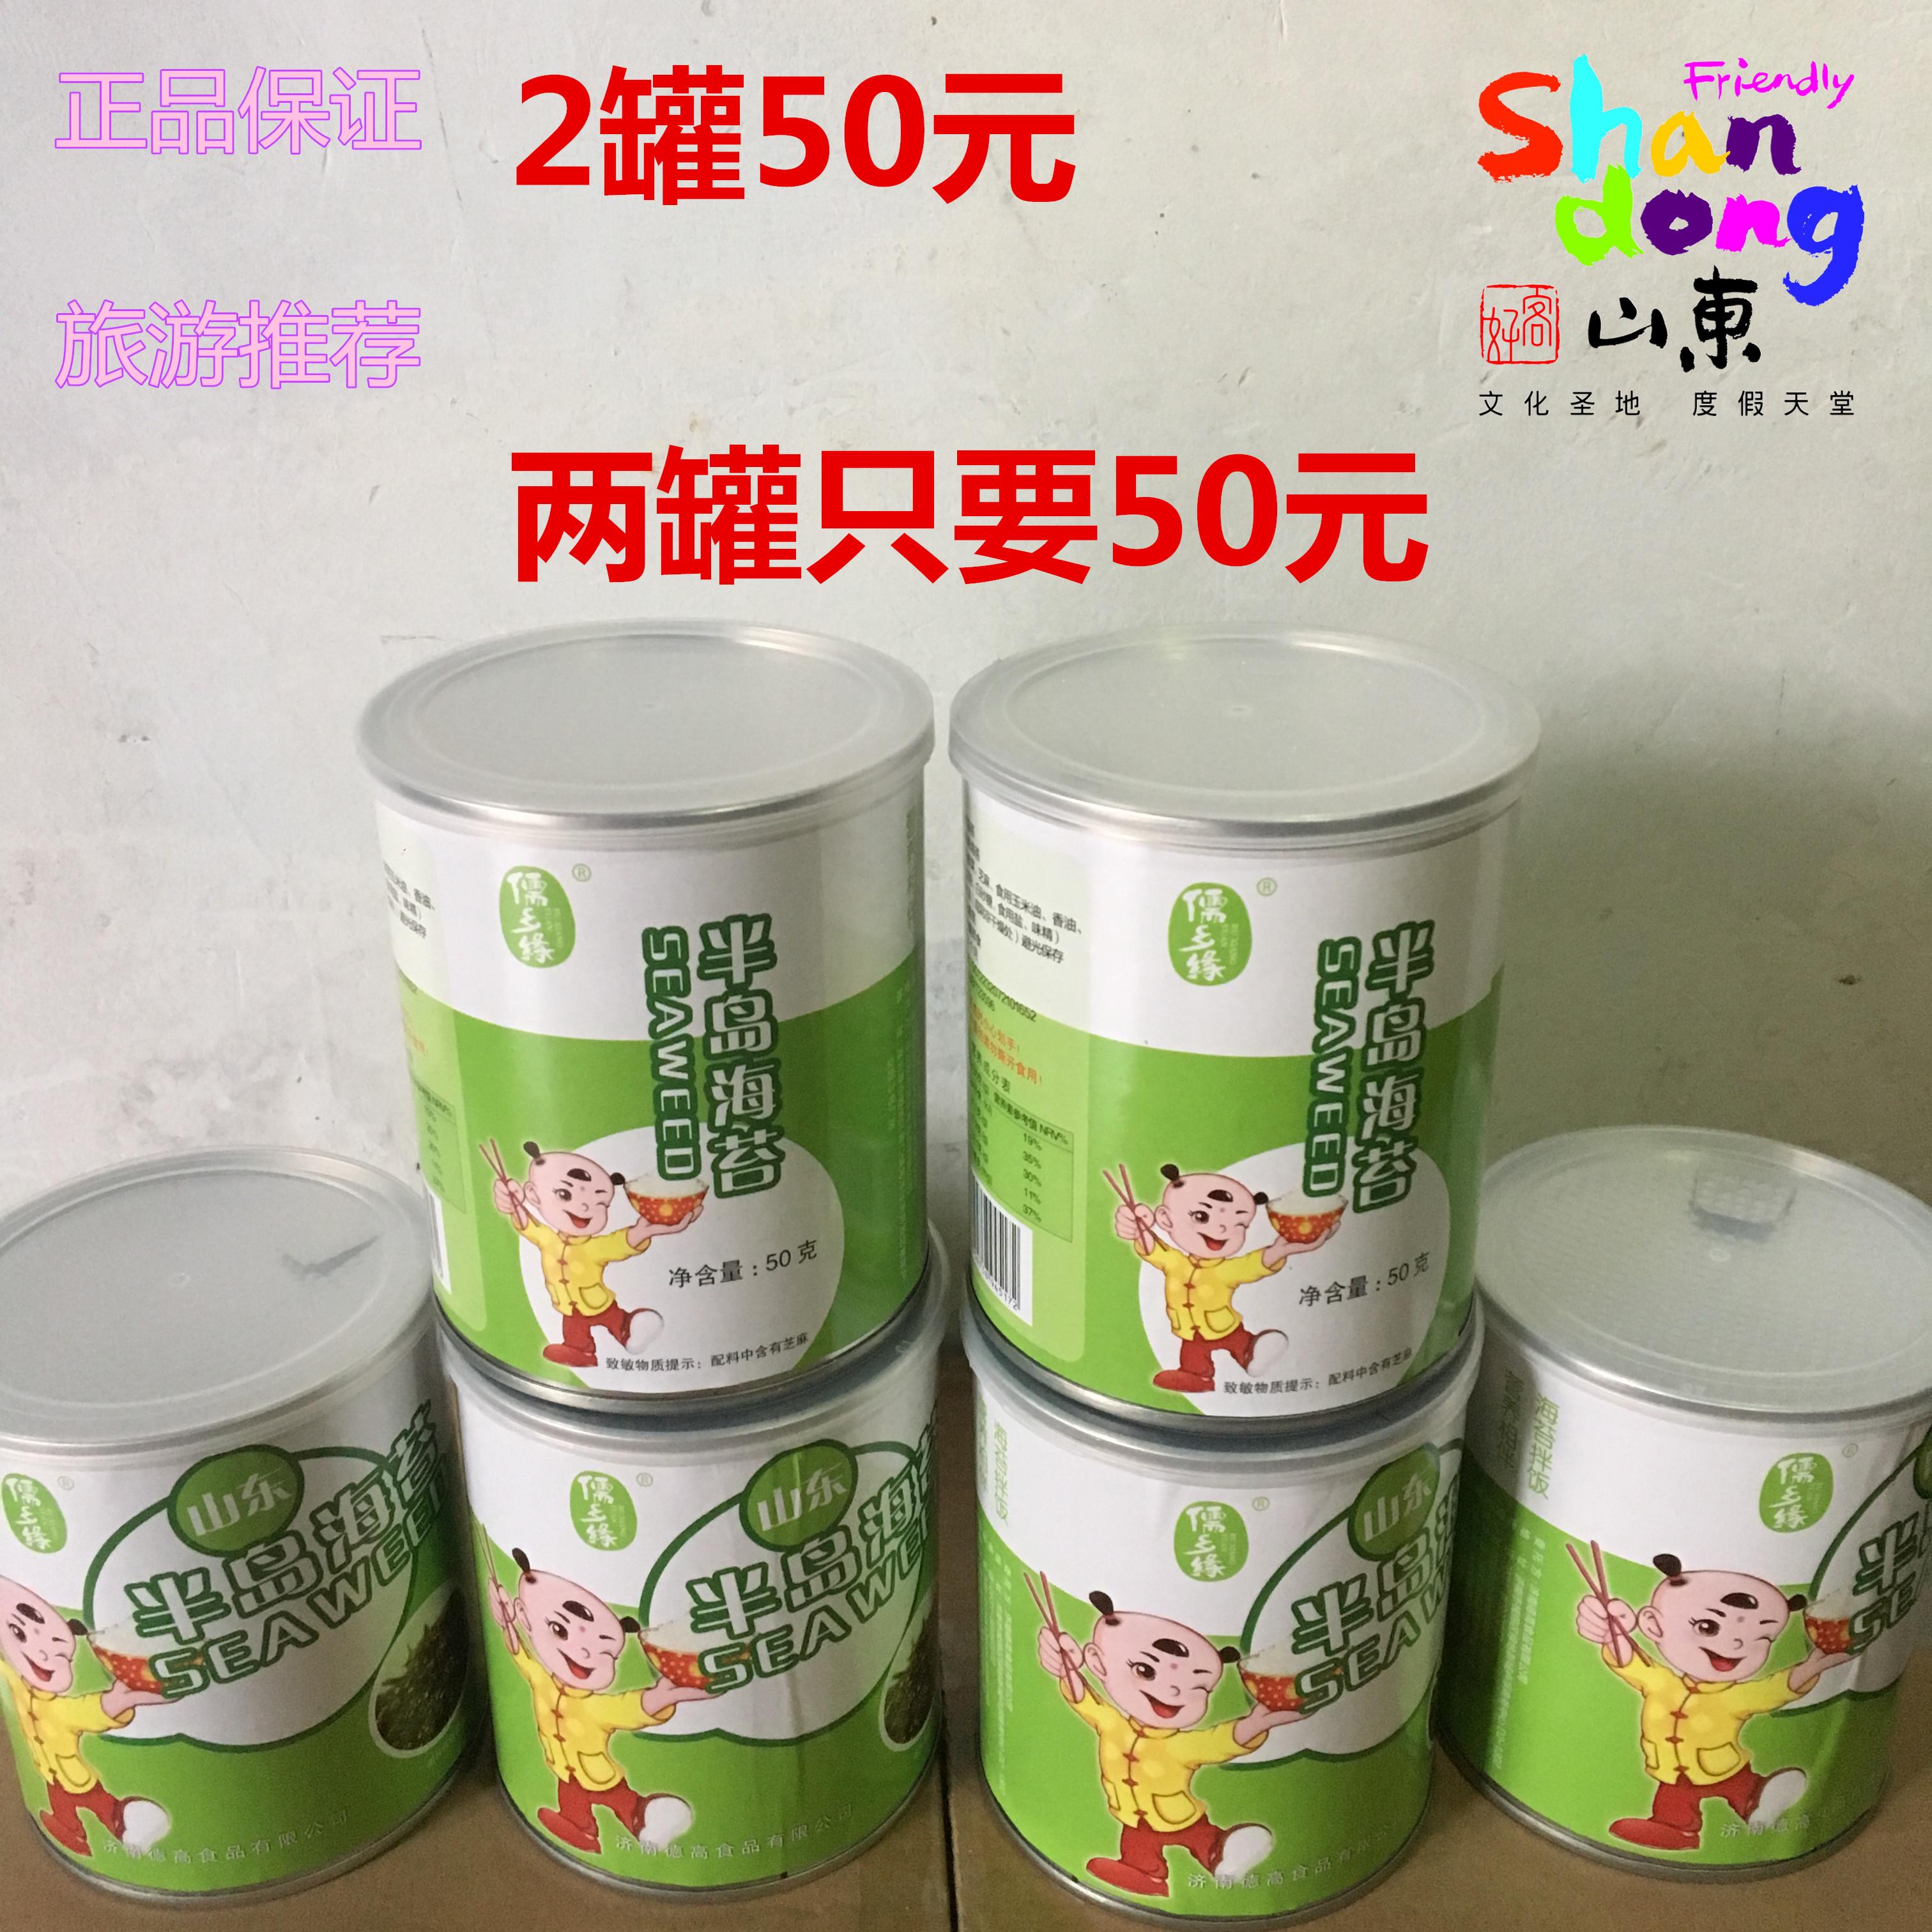 儒乡缘海苔拌饭2罐起拍 即食半岛海苔芝麻炒50g山东旅游推荐产品